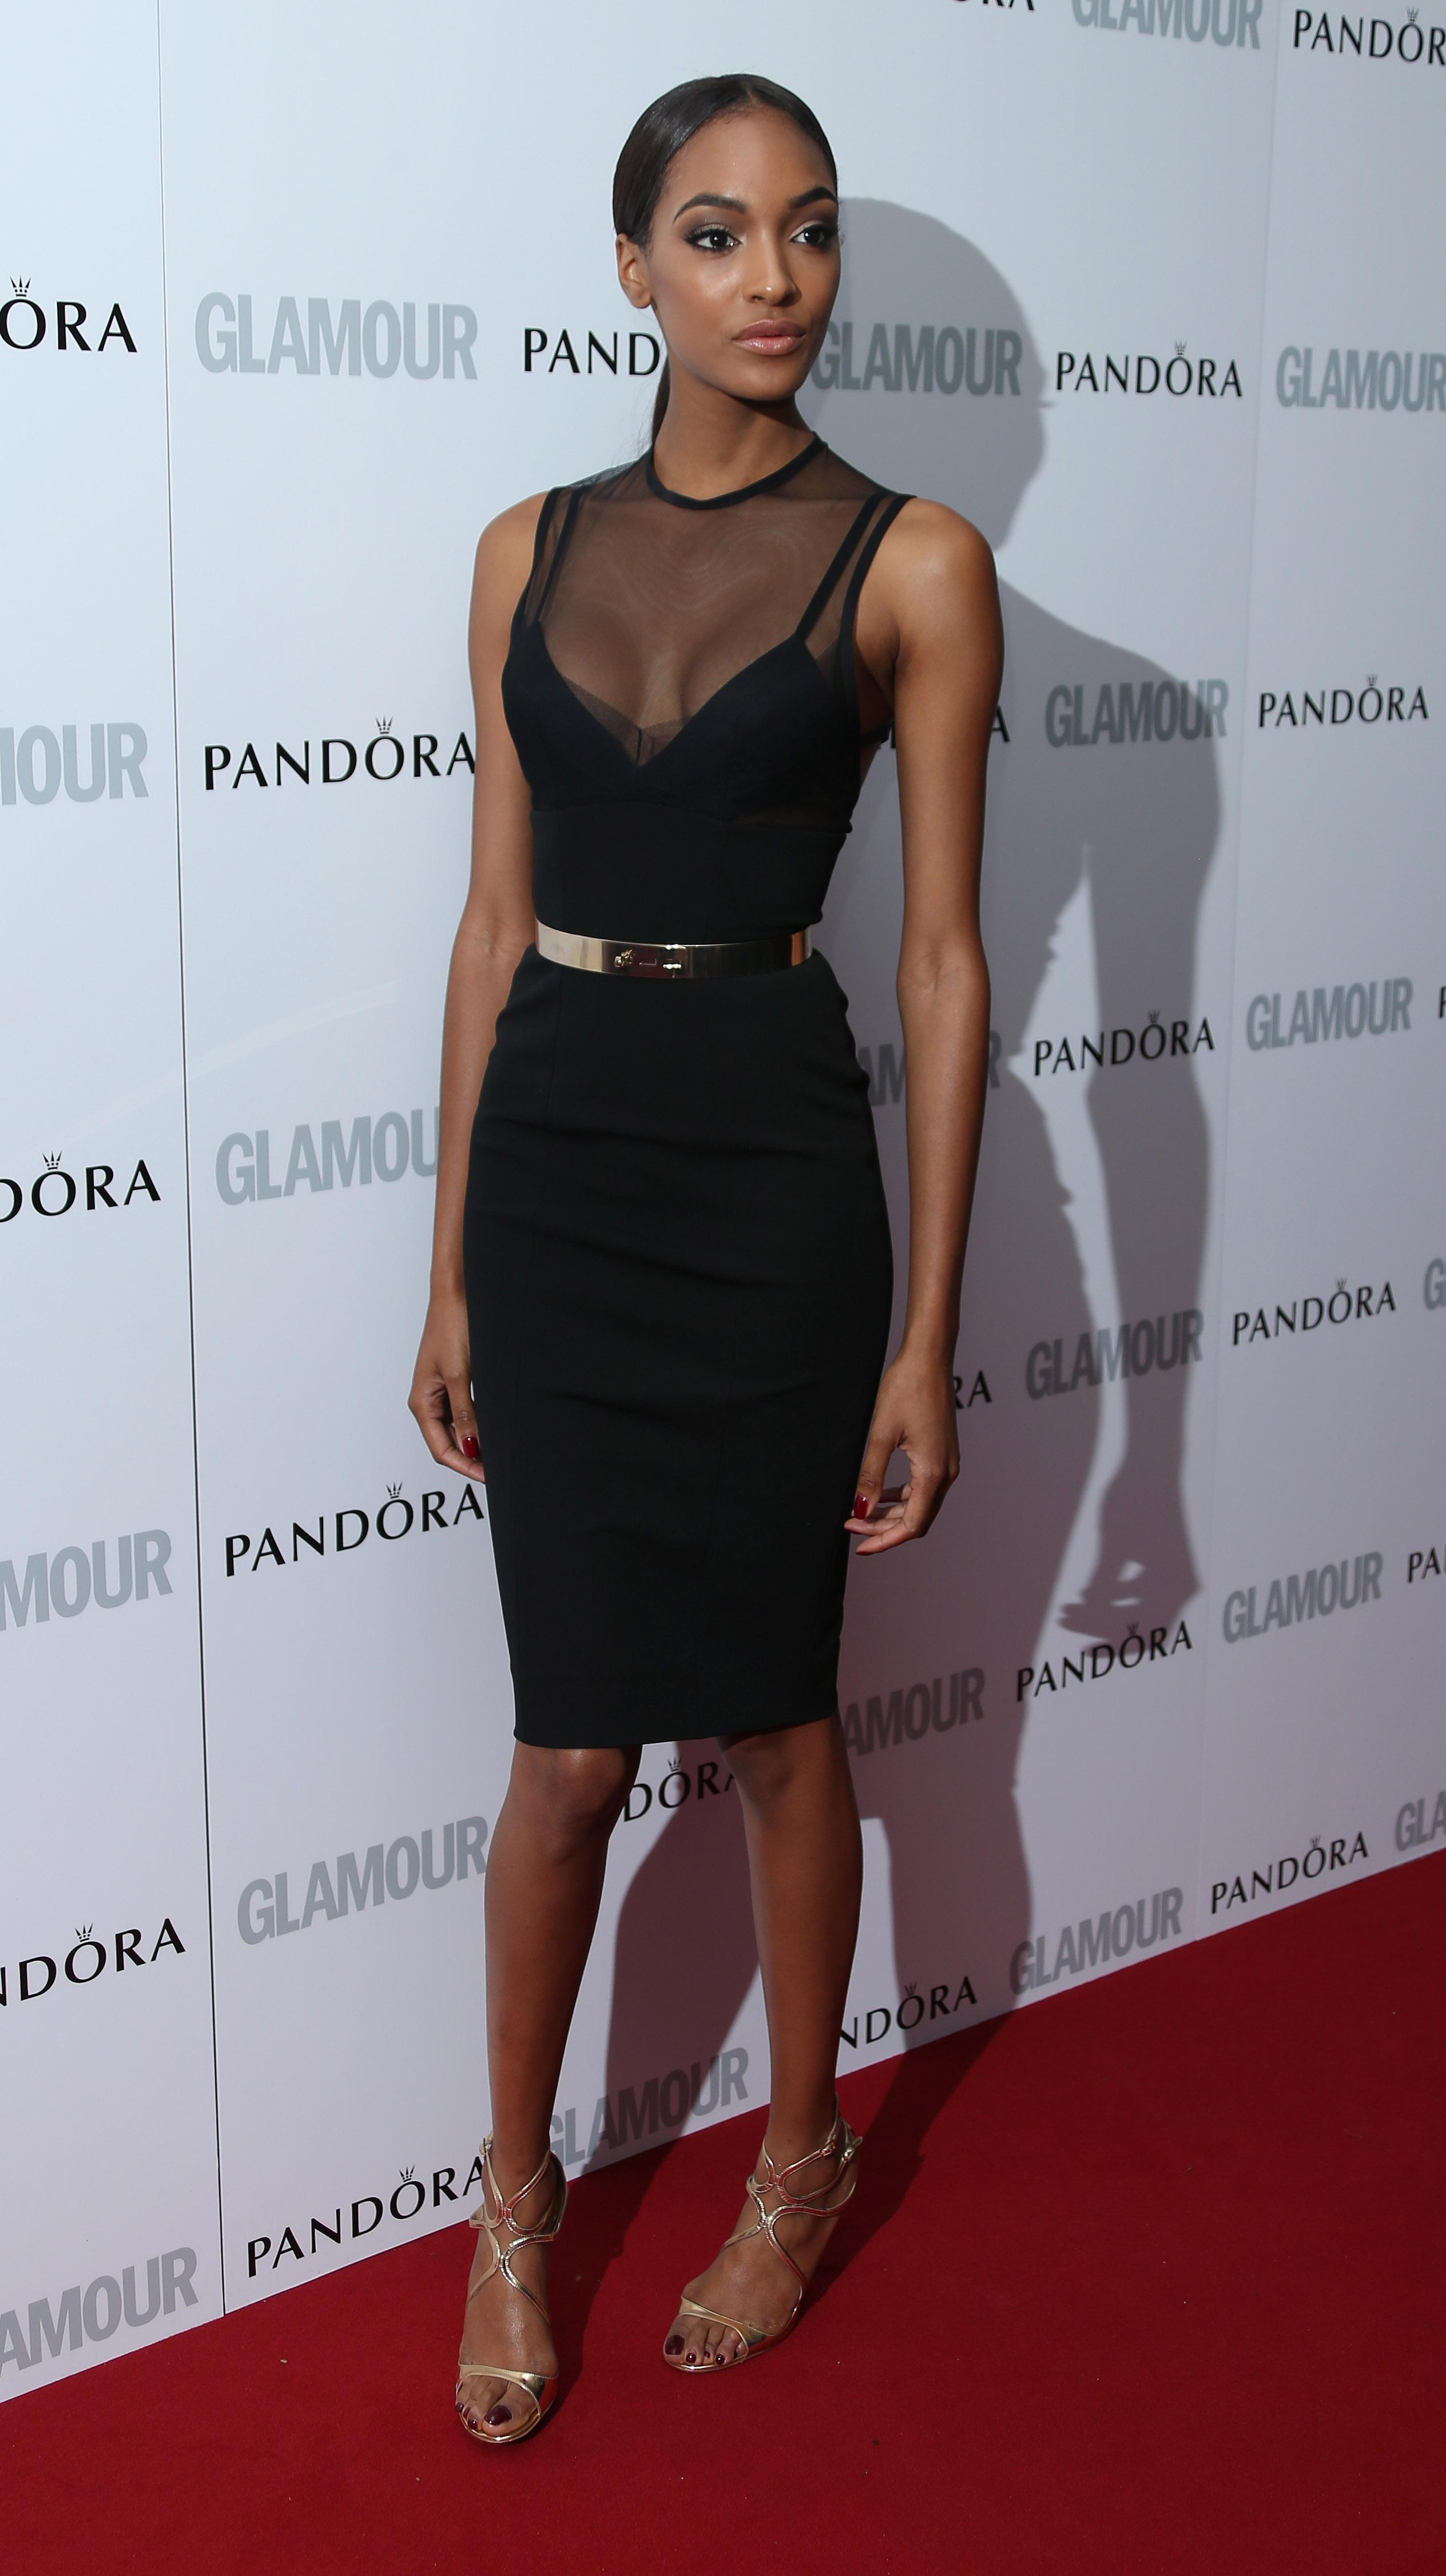 """Джордан Данн: """"Ахахахахаха, меня убрали с показа Dior из-за груди. Люблю моду!"""""""